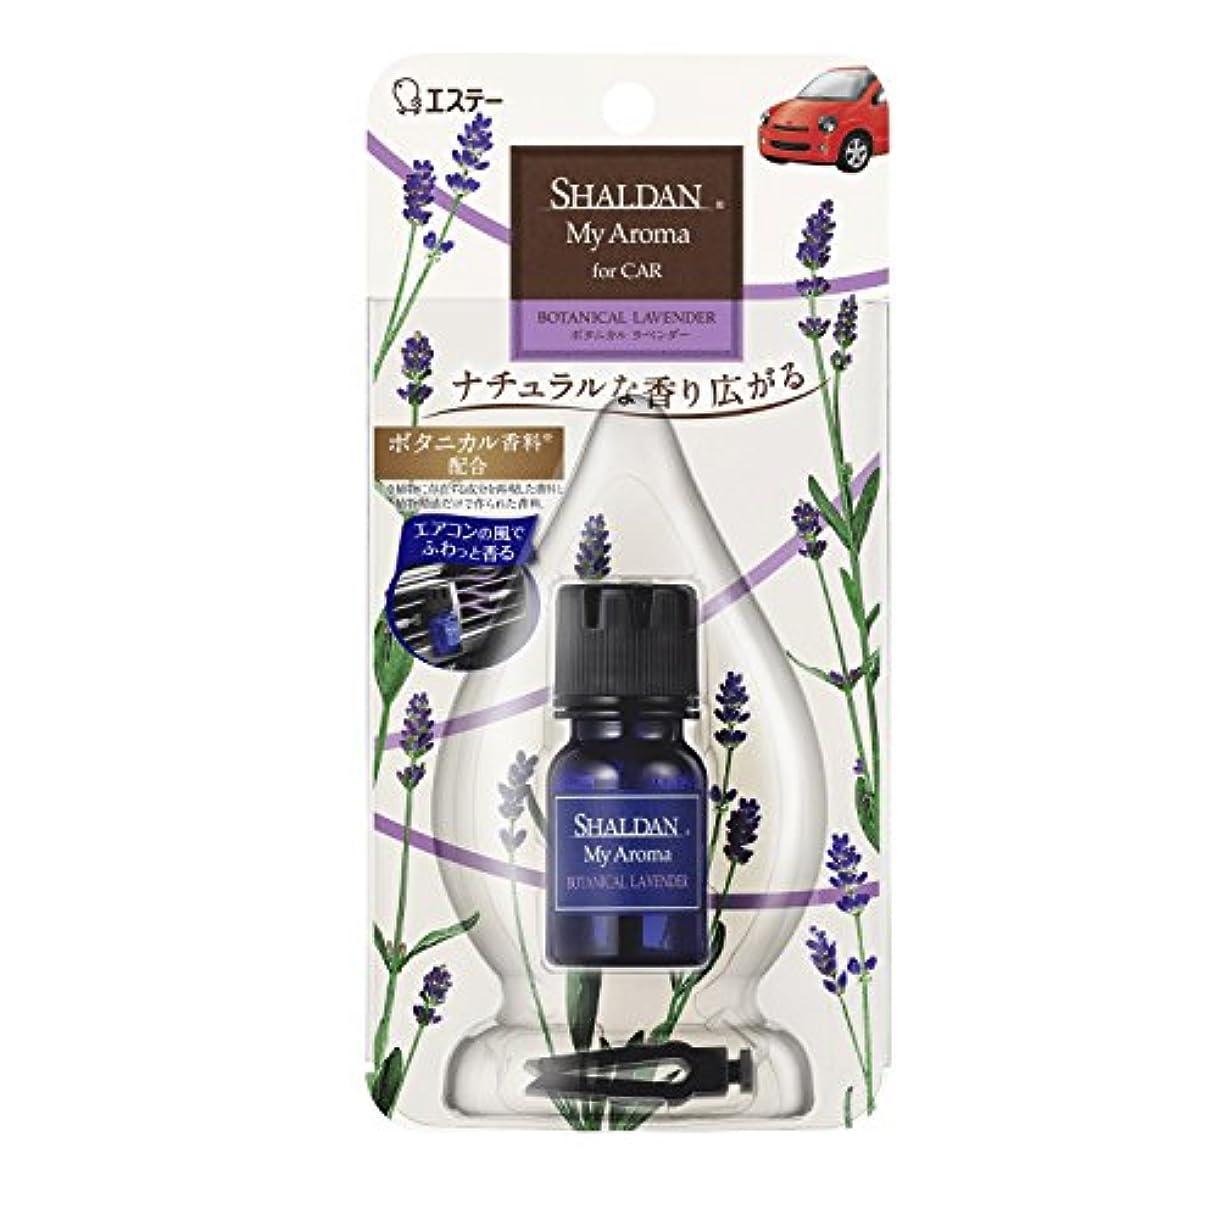 動かすコール品シャルダン SHALDAN My Aroma アロマ for CAR 芳香剤 クルマ用 クルマ ボタニカルラベンダー 5ml